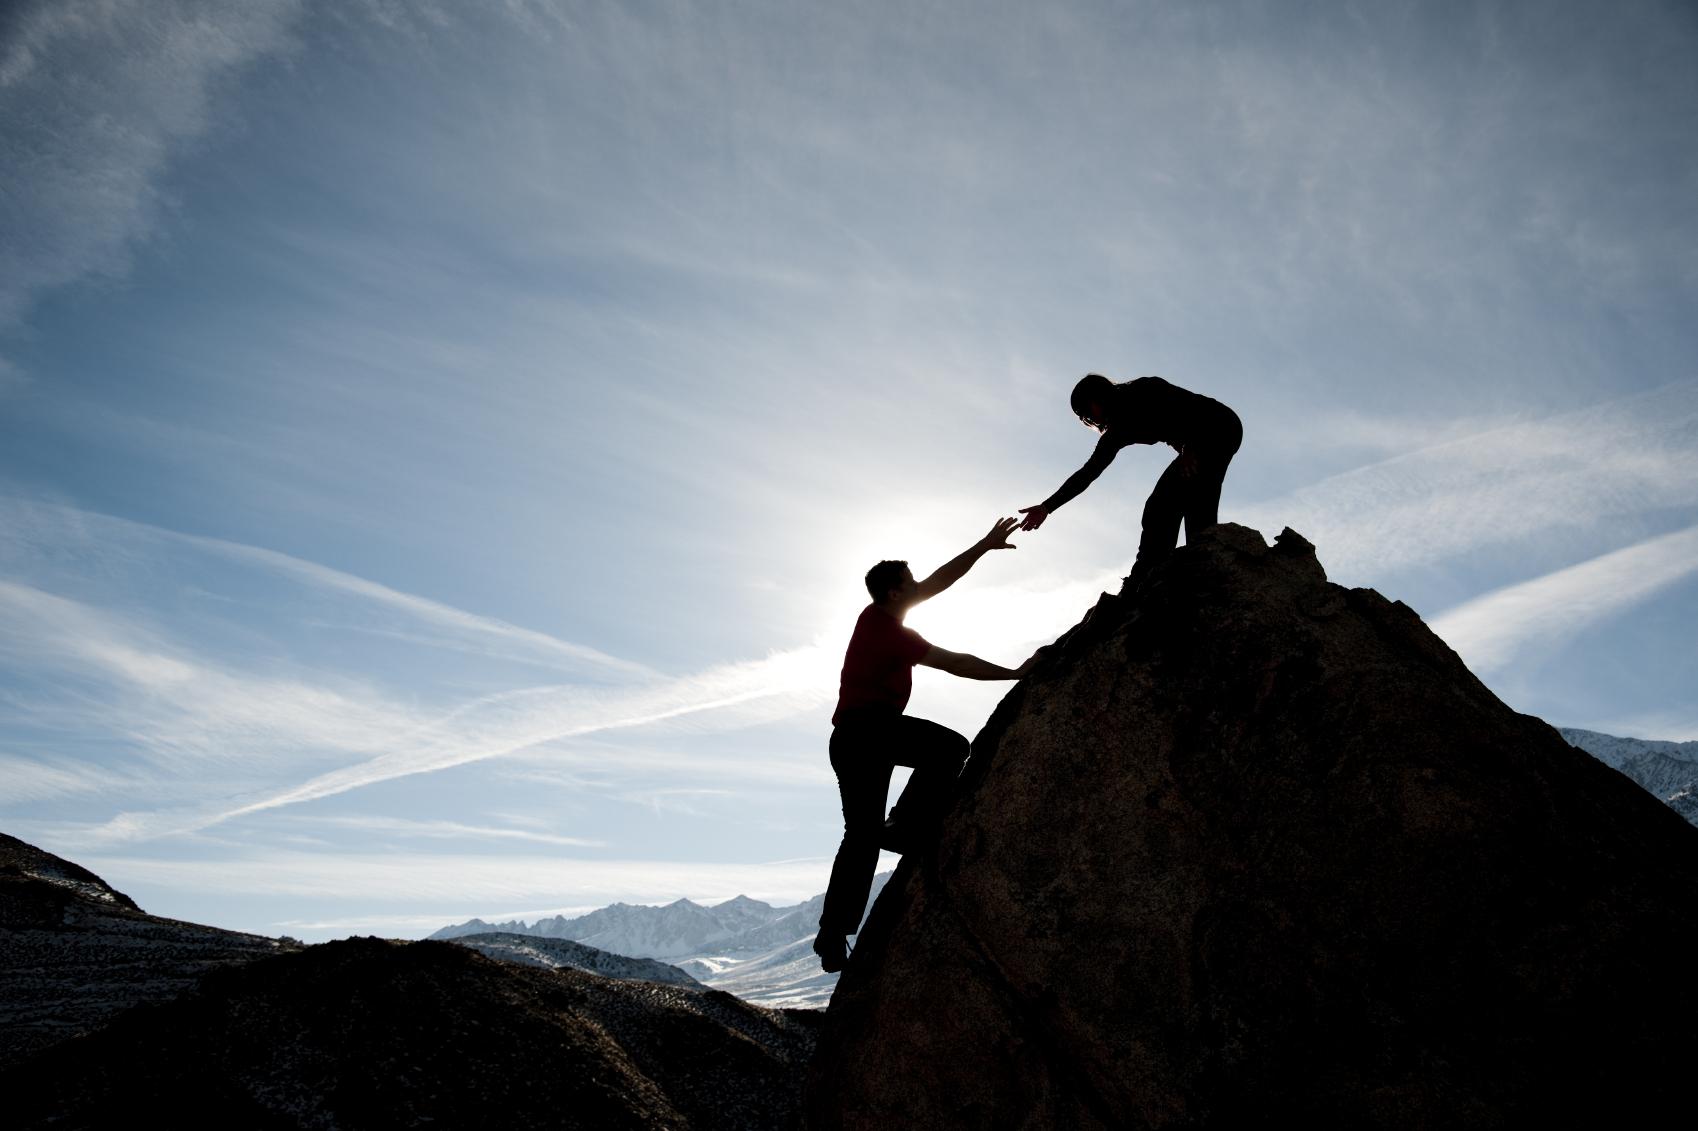 Un mentor ¿qué es y por qué lo necesitamos? Marketinados es la respuesta.